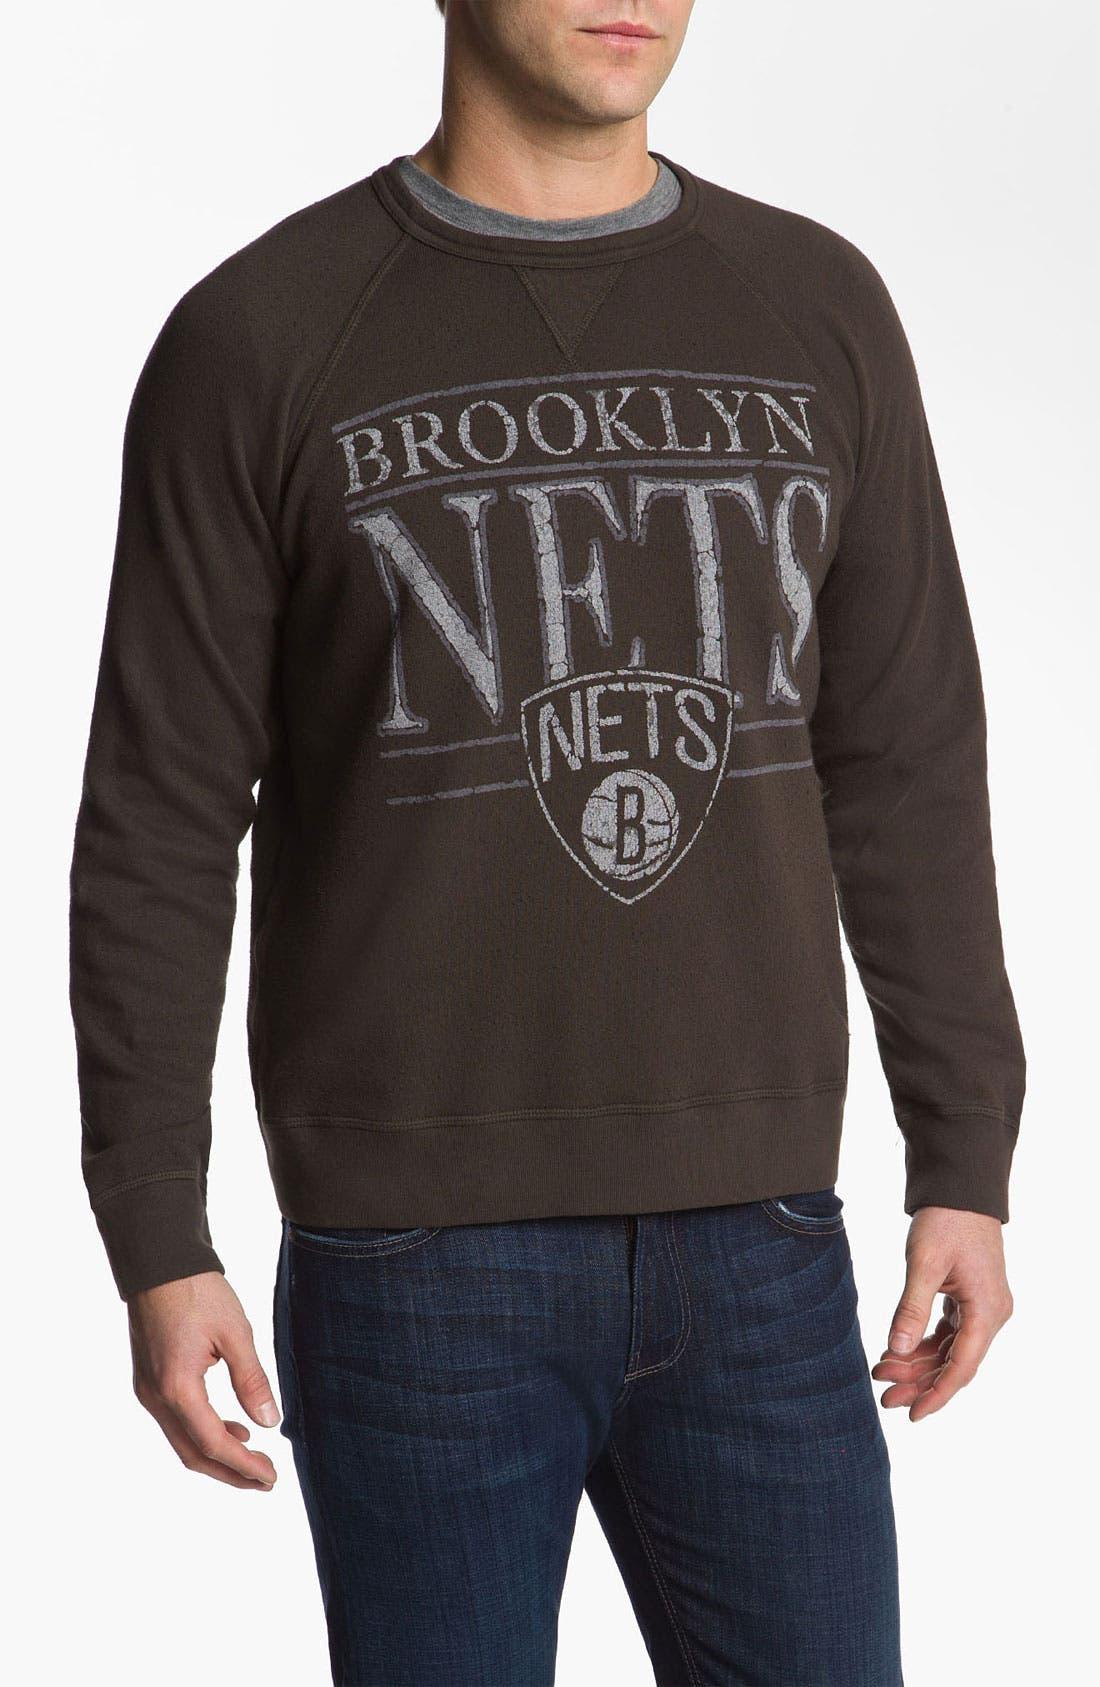 Alternate Image 1 Selected - Junk Food 'Brooklyn Nets' Sweatshirt